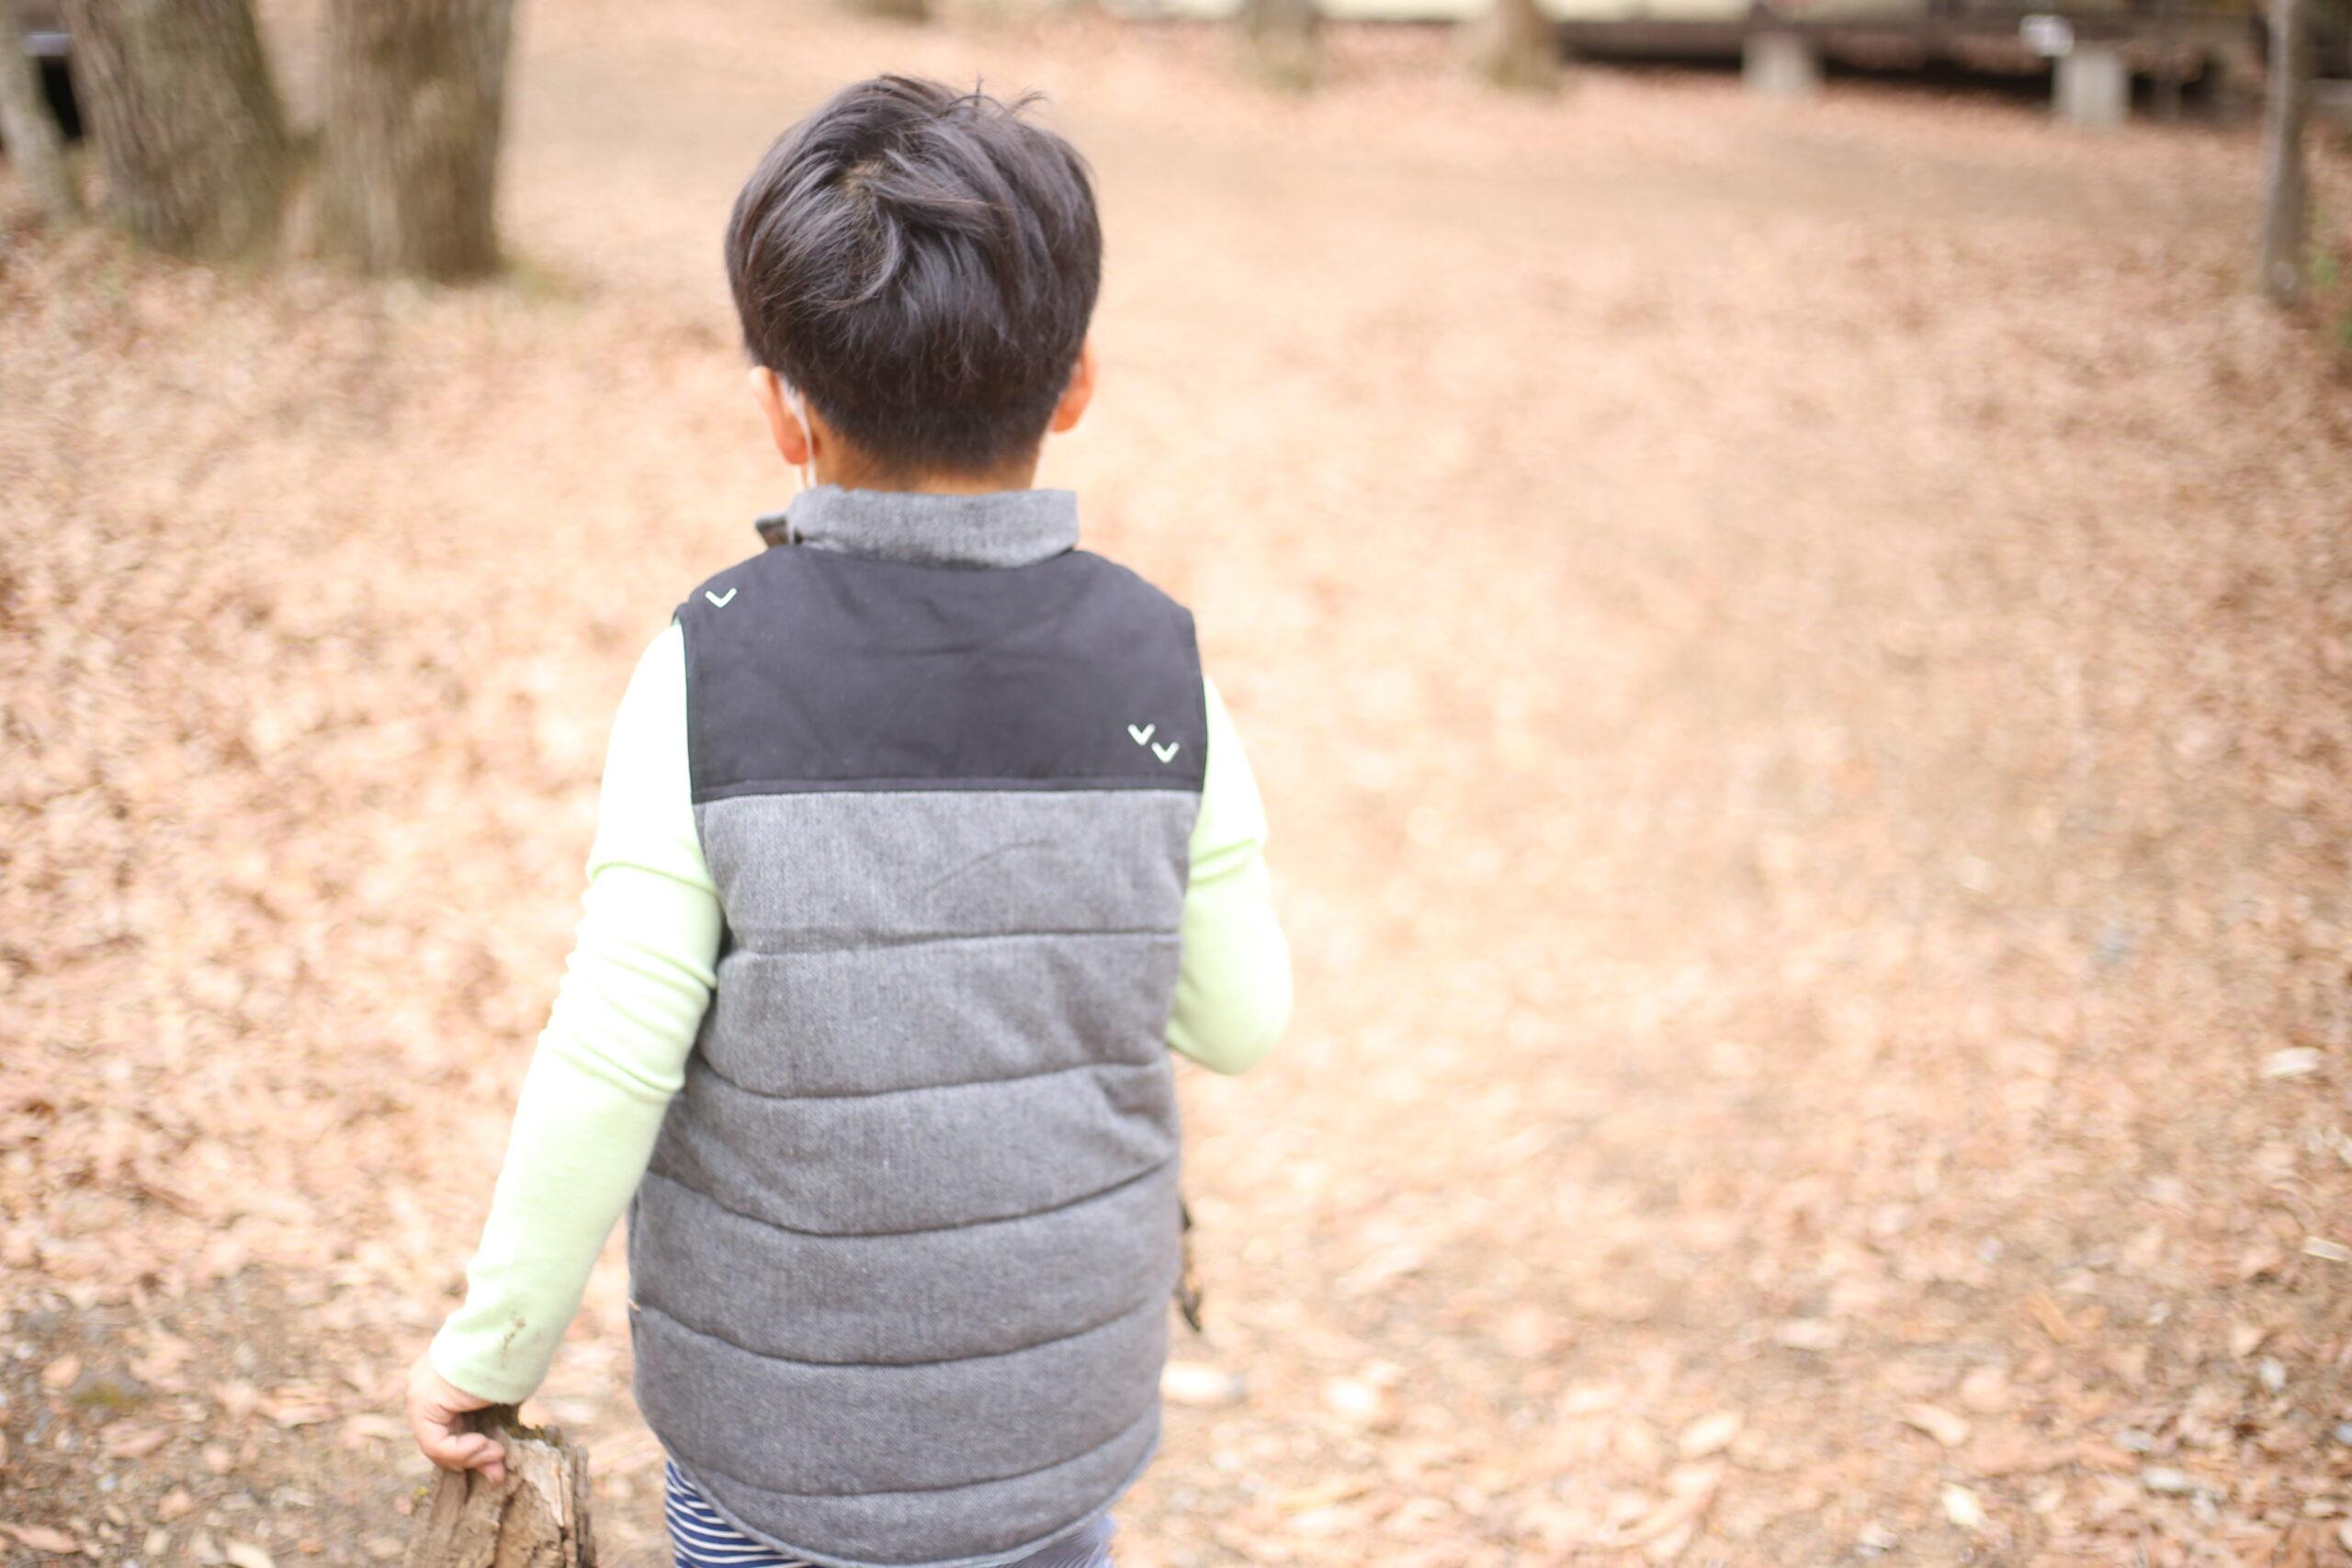 いつも悩む。子供の喧嘩を仲裁するべきか、そしてそのタイミングと結論と。